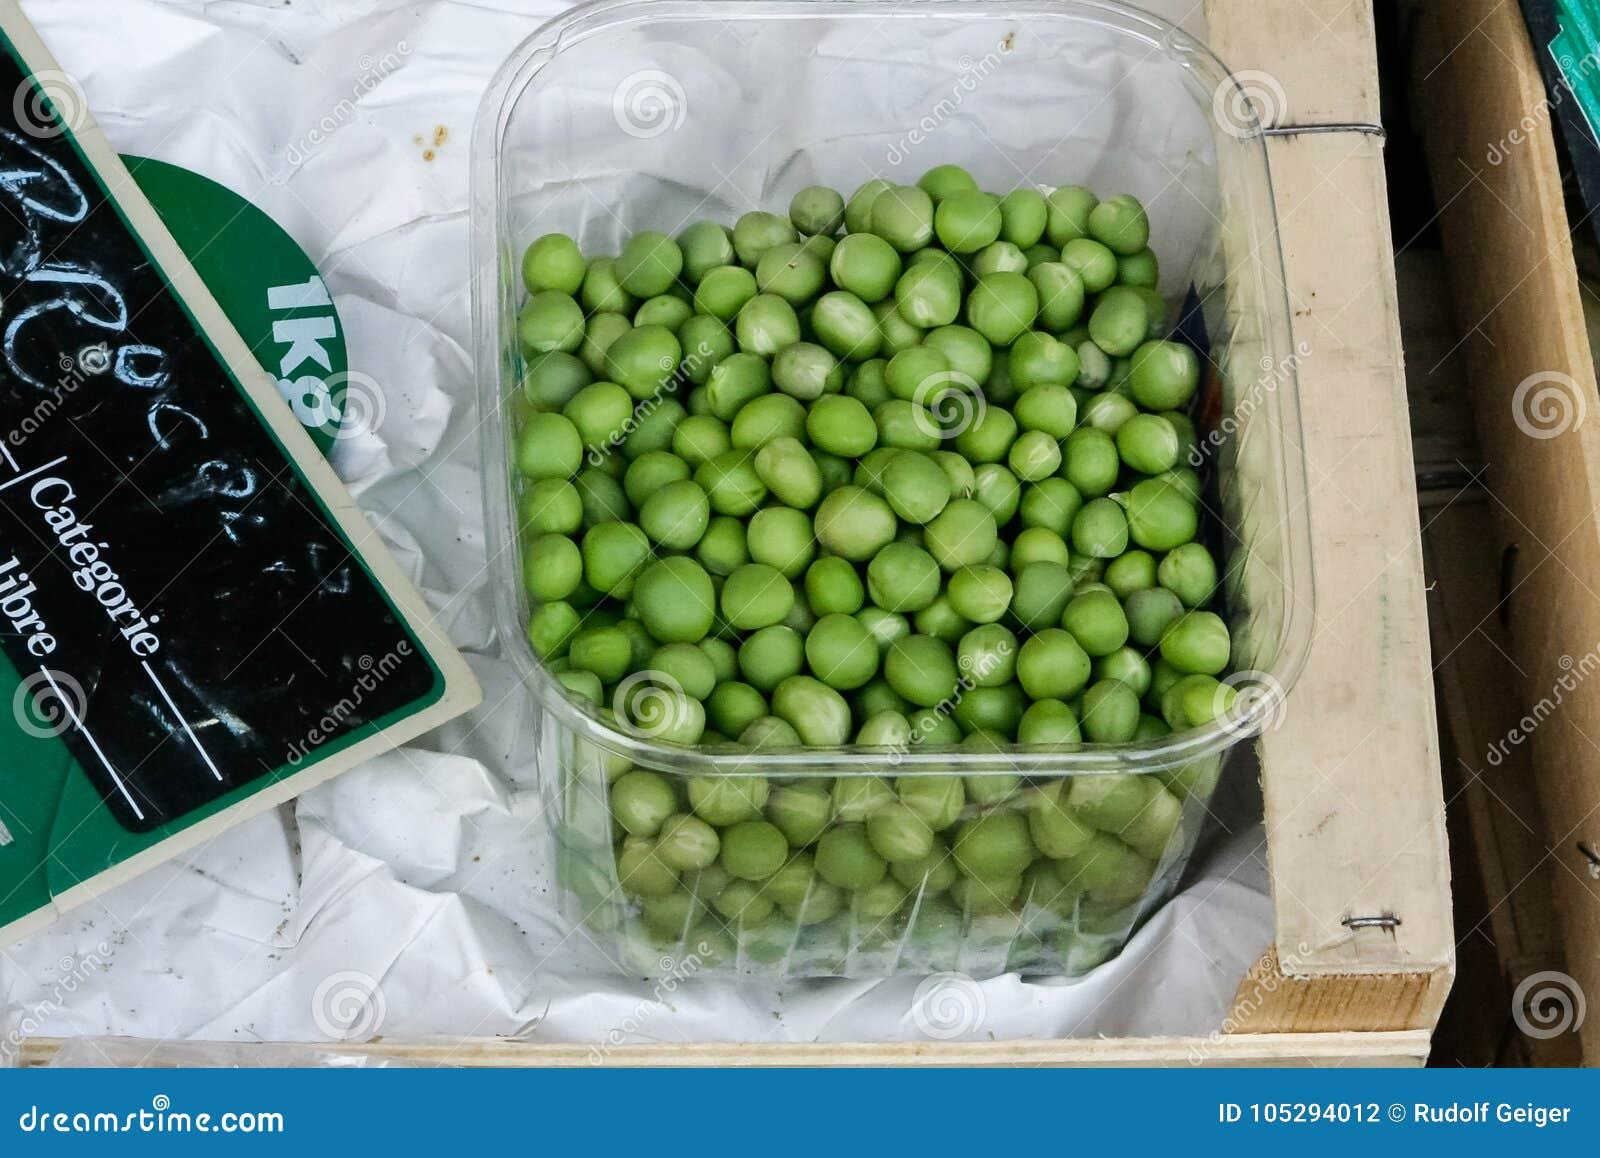 Grönsaker på en lokal lantlig marknad i sommarmånaden juli av staden